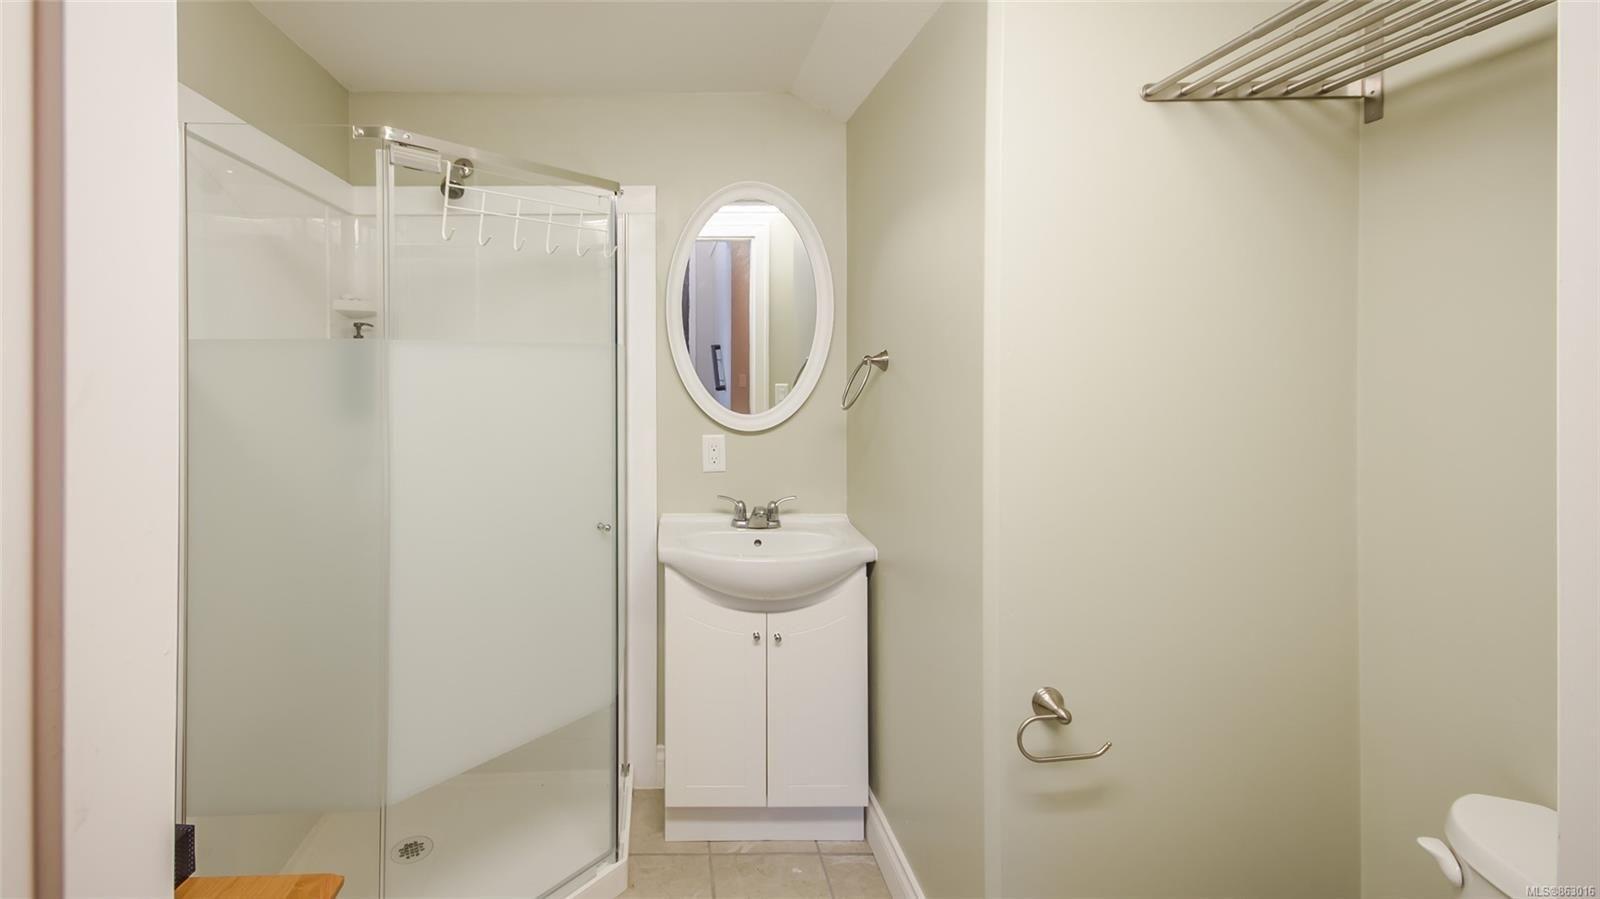 Photo 33: Photos: 5361 Laguna Way in : Na North Nanaimo House for sale (Nanaimo)  : MLS®# 863016